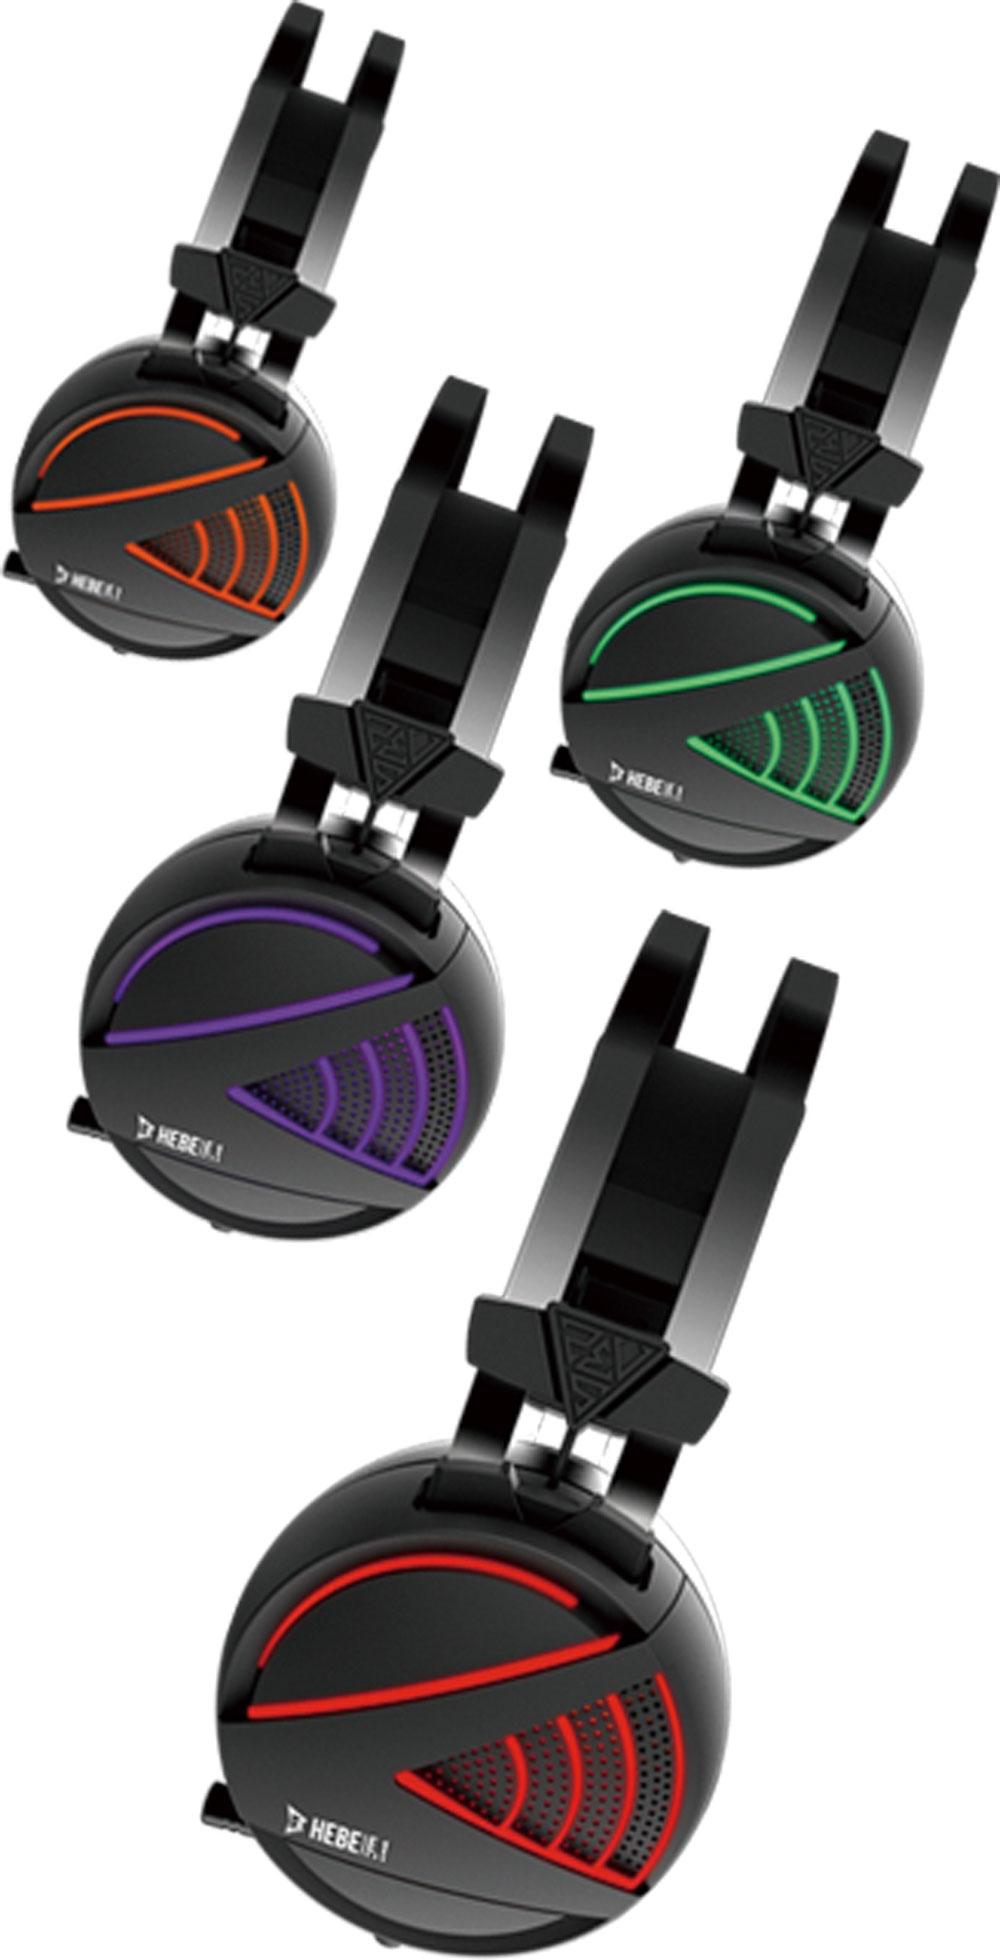 Gamdias Hebe E1 RGB Gaming Headset